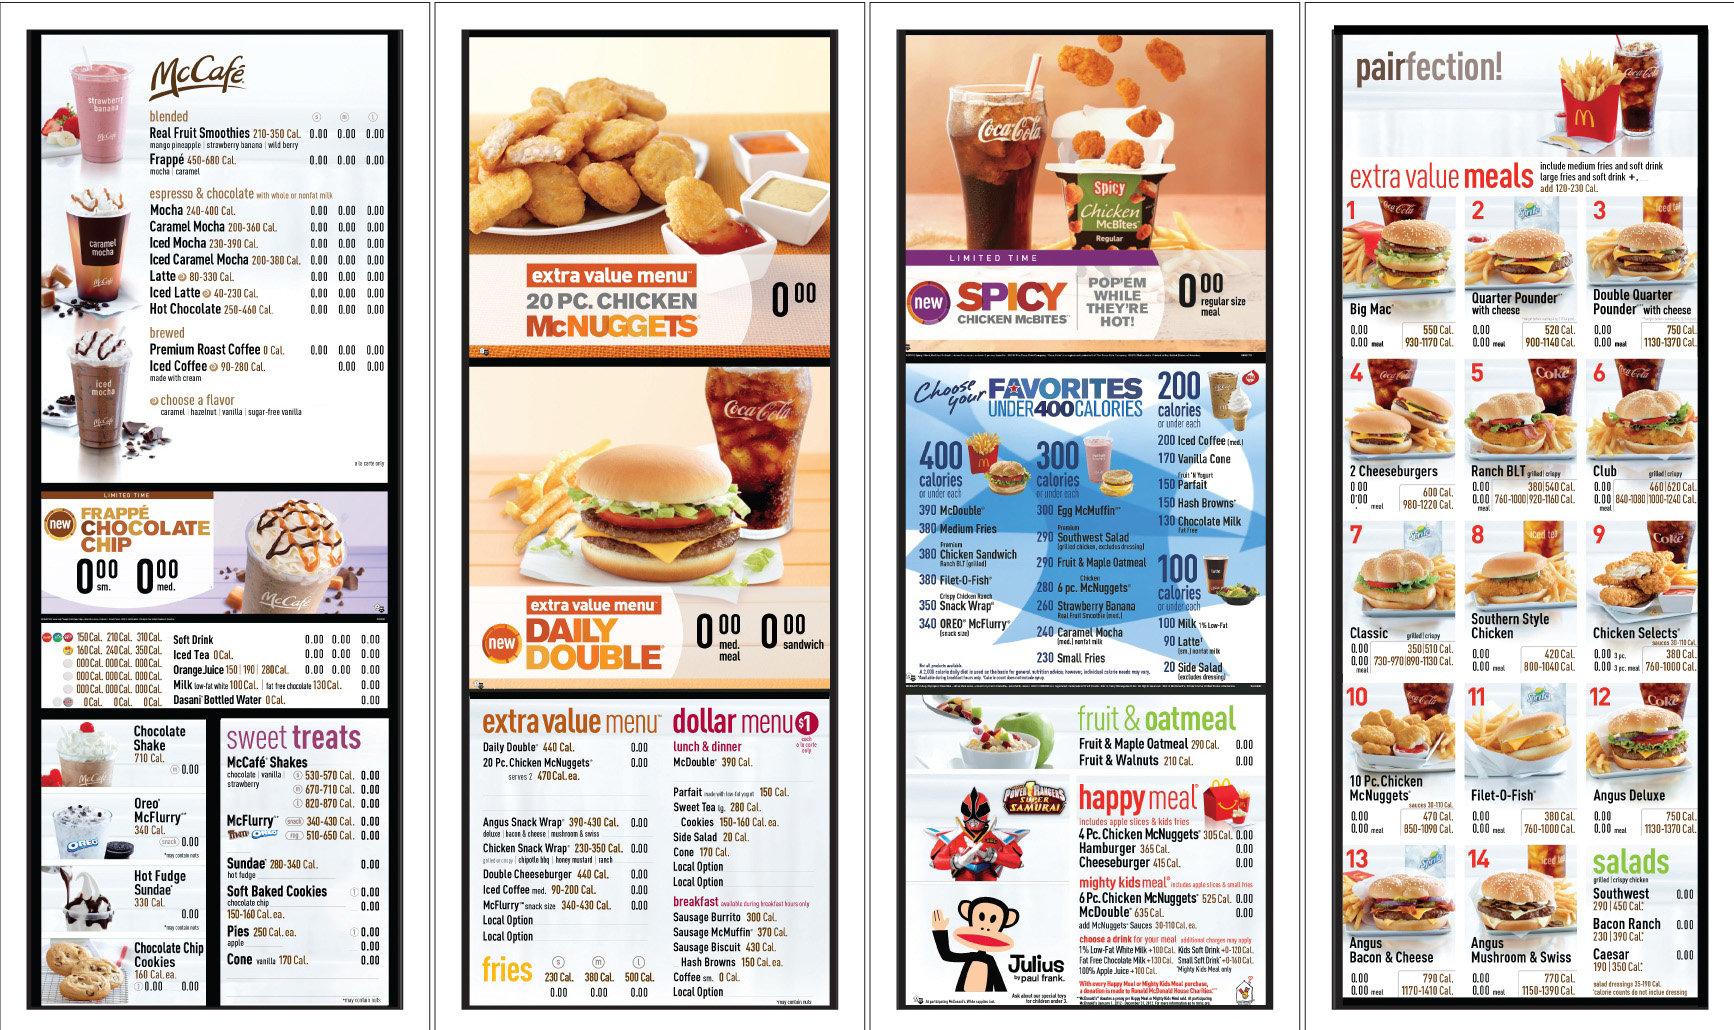 calorie-chartsjpg-643d6c679c1b1c34